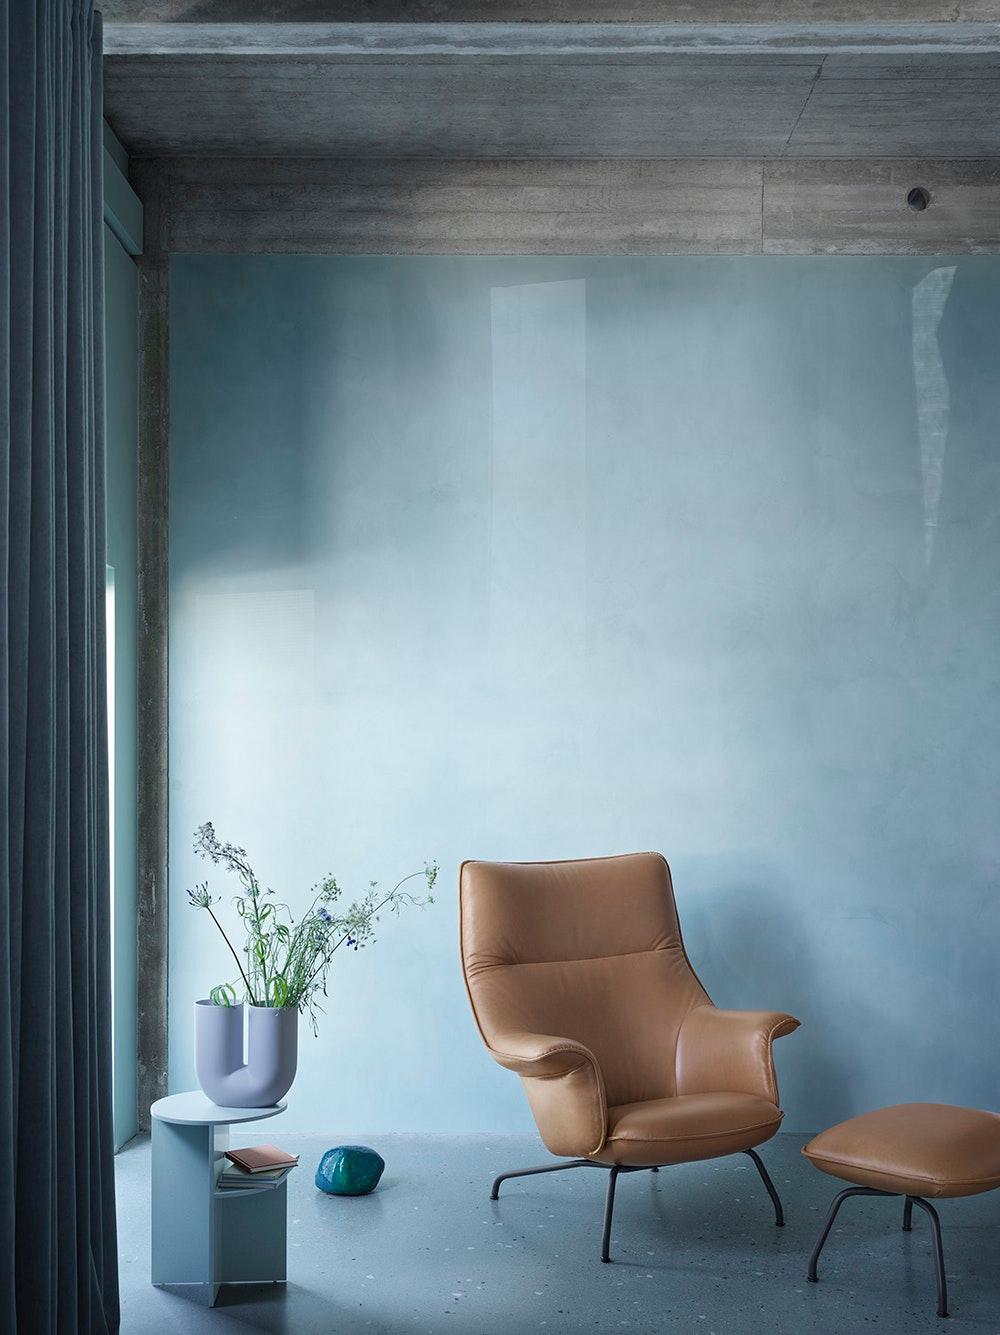 Doze Lounge Chair by Anderssen & Voll – Muuto - ScandinavianDesign.com